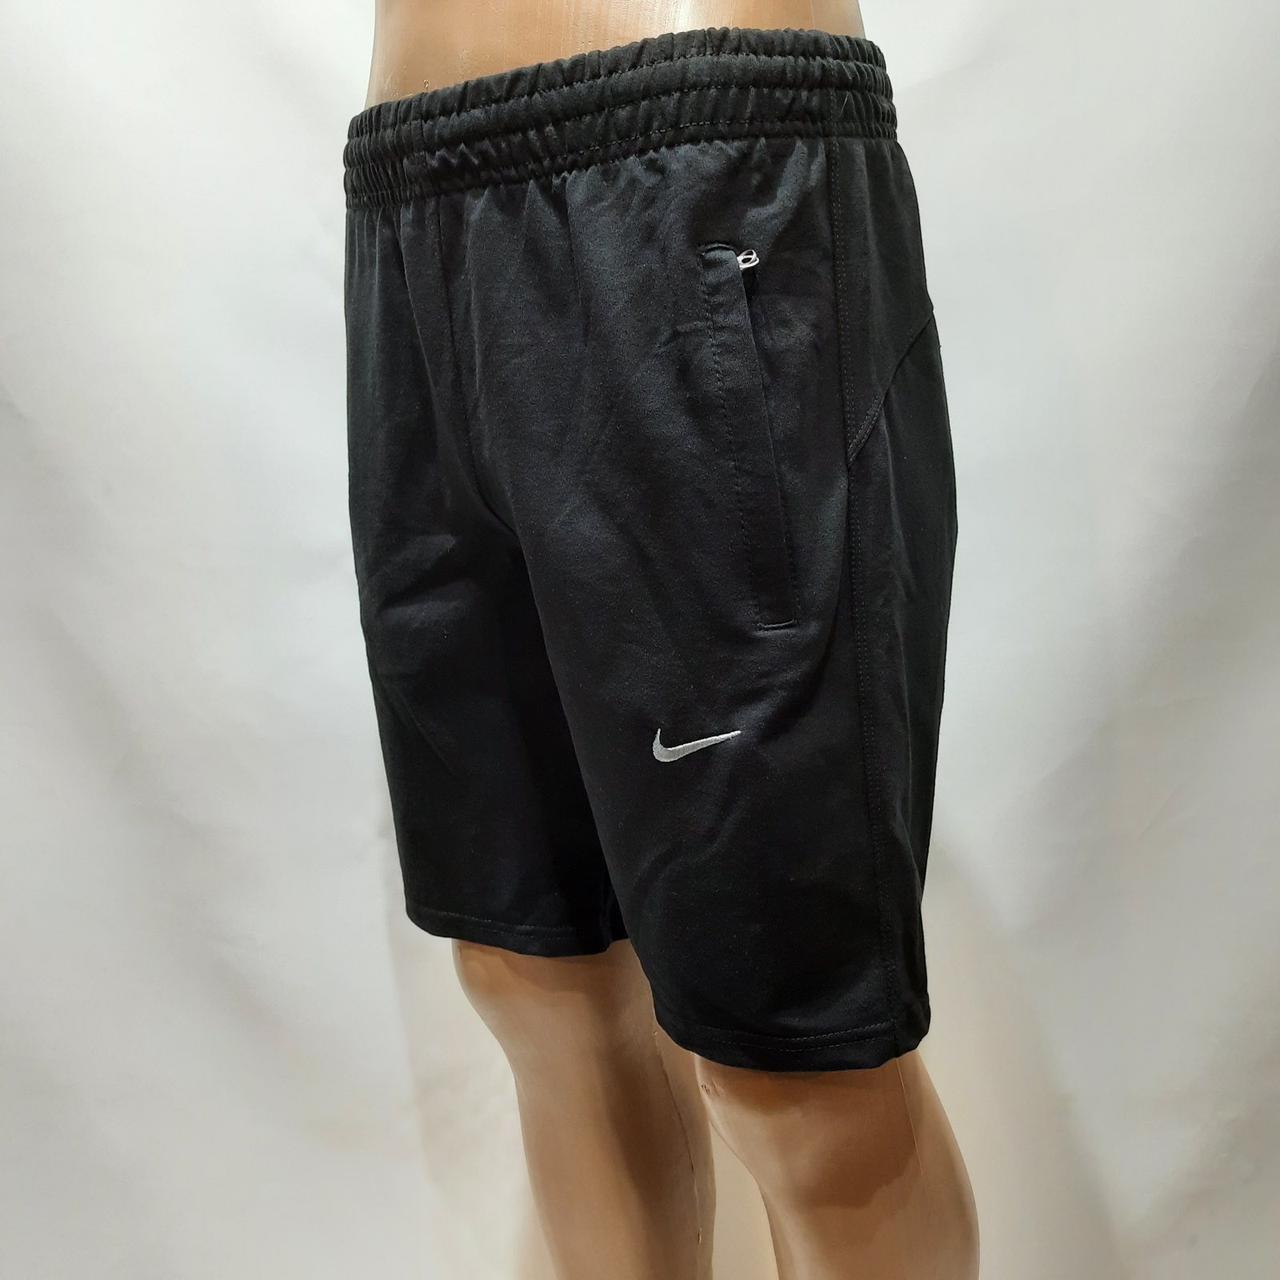 Чоловічі літні шорти трикотажні Nike з кишенями на резинці Туреччина Чорні